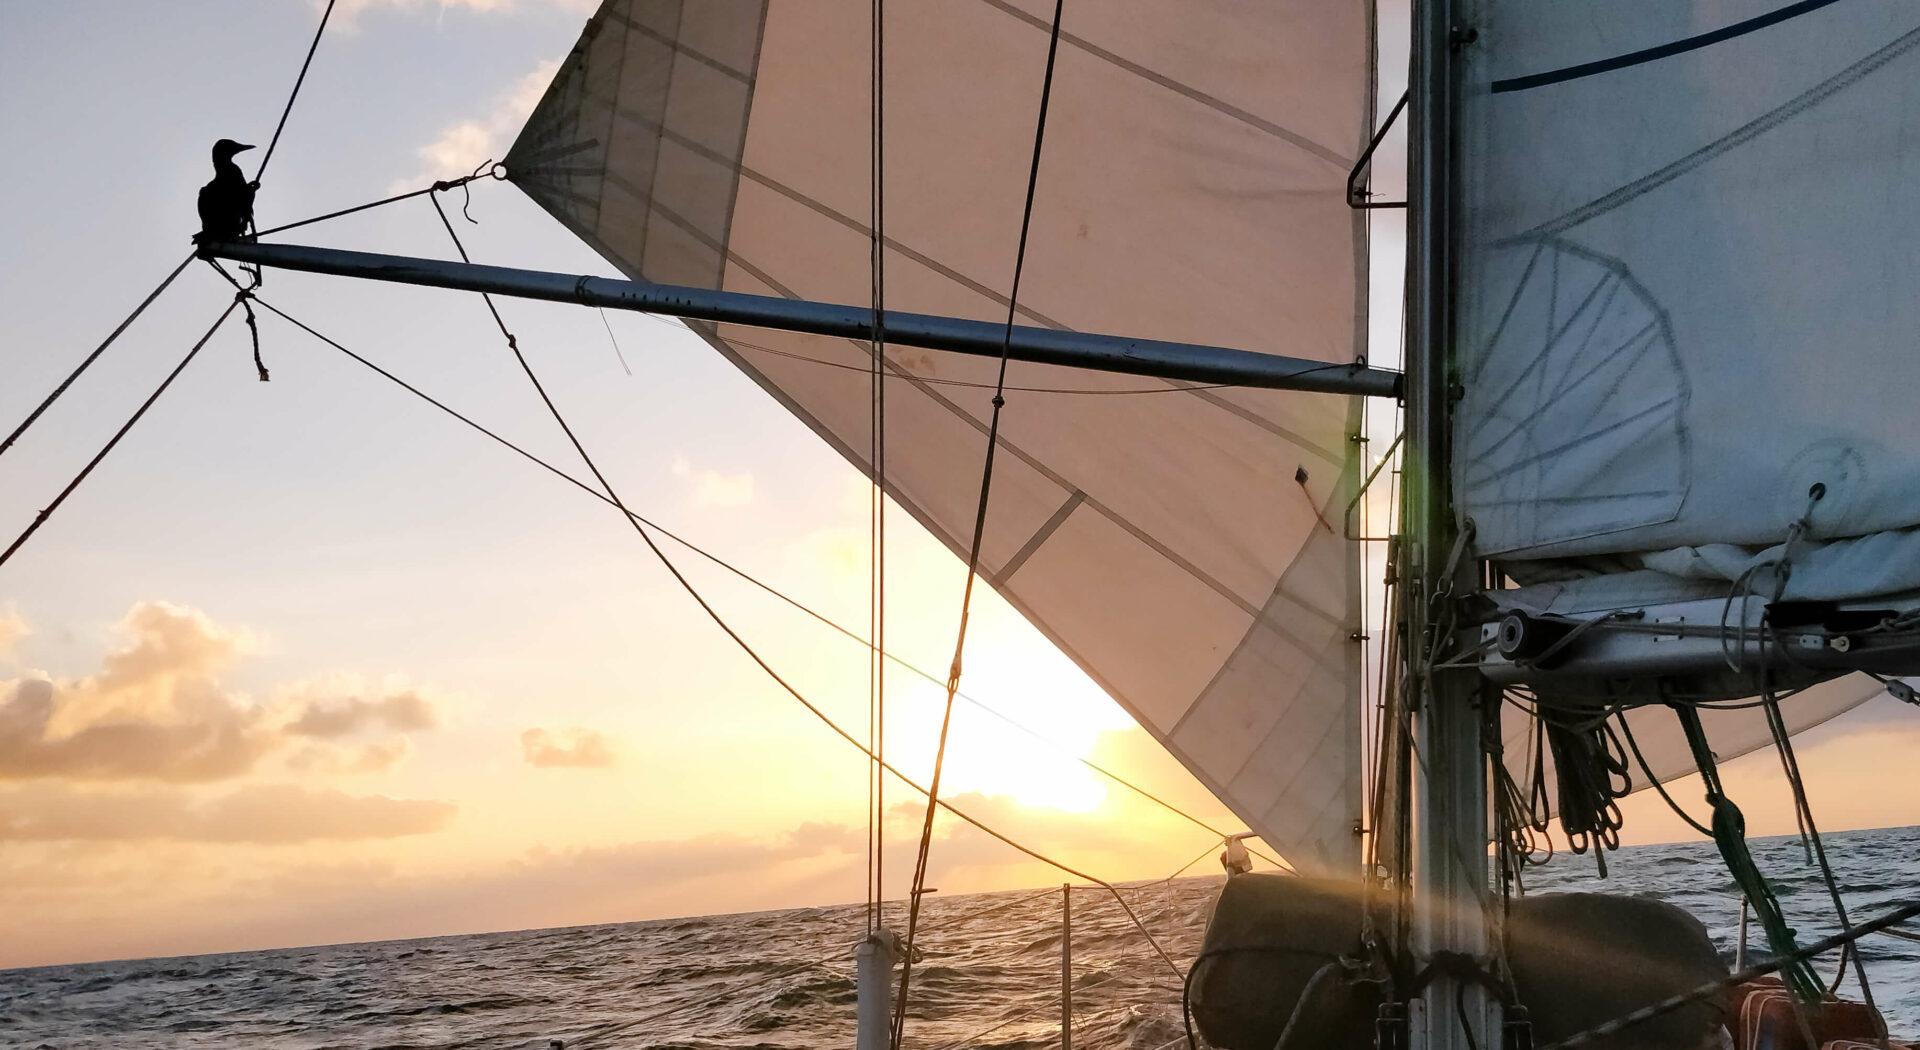 Arafurasjøen bød på drømmeforhold. Med full seilføring kunne vi sløre vestover. Fotoꓽ Michael Chahley